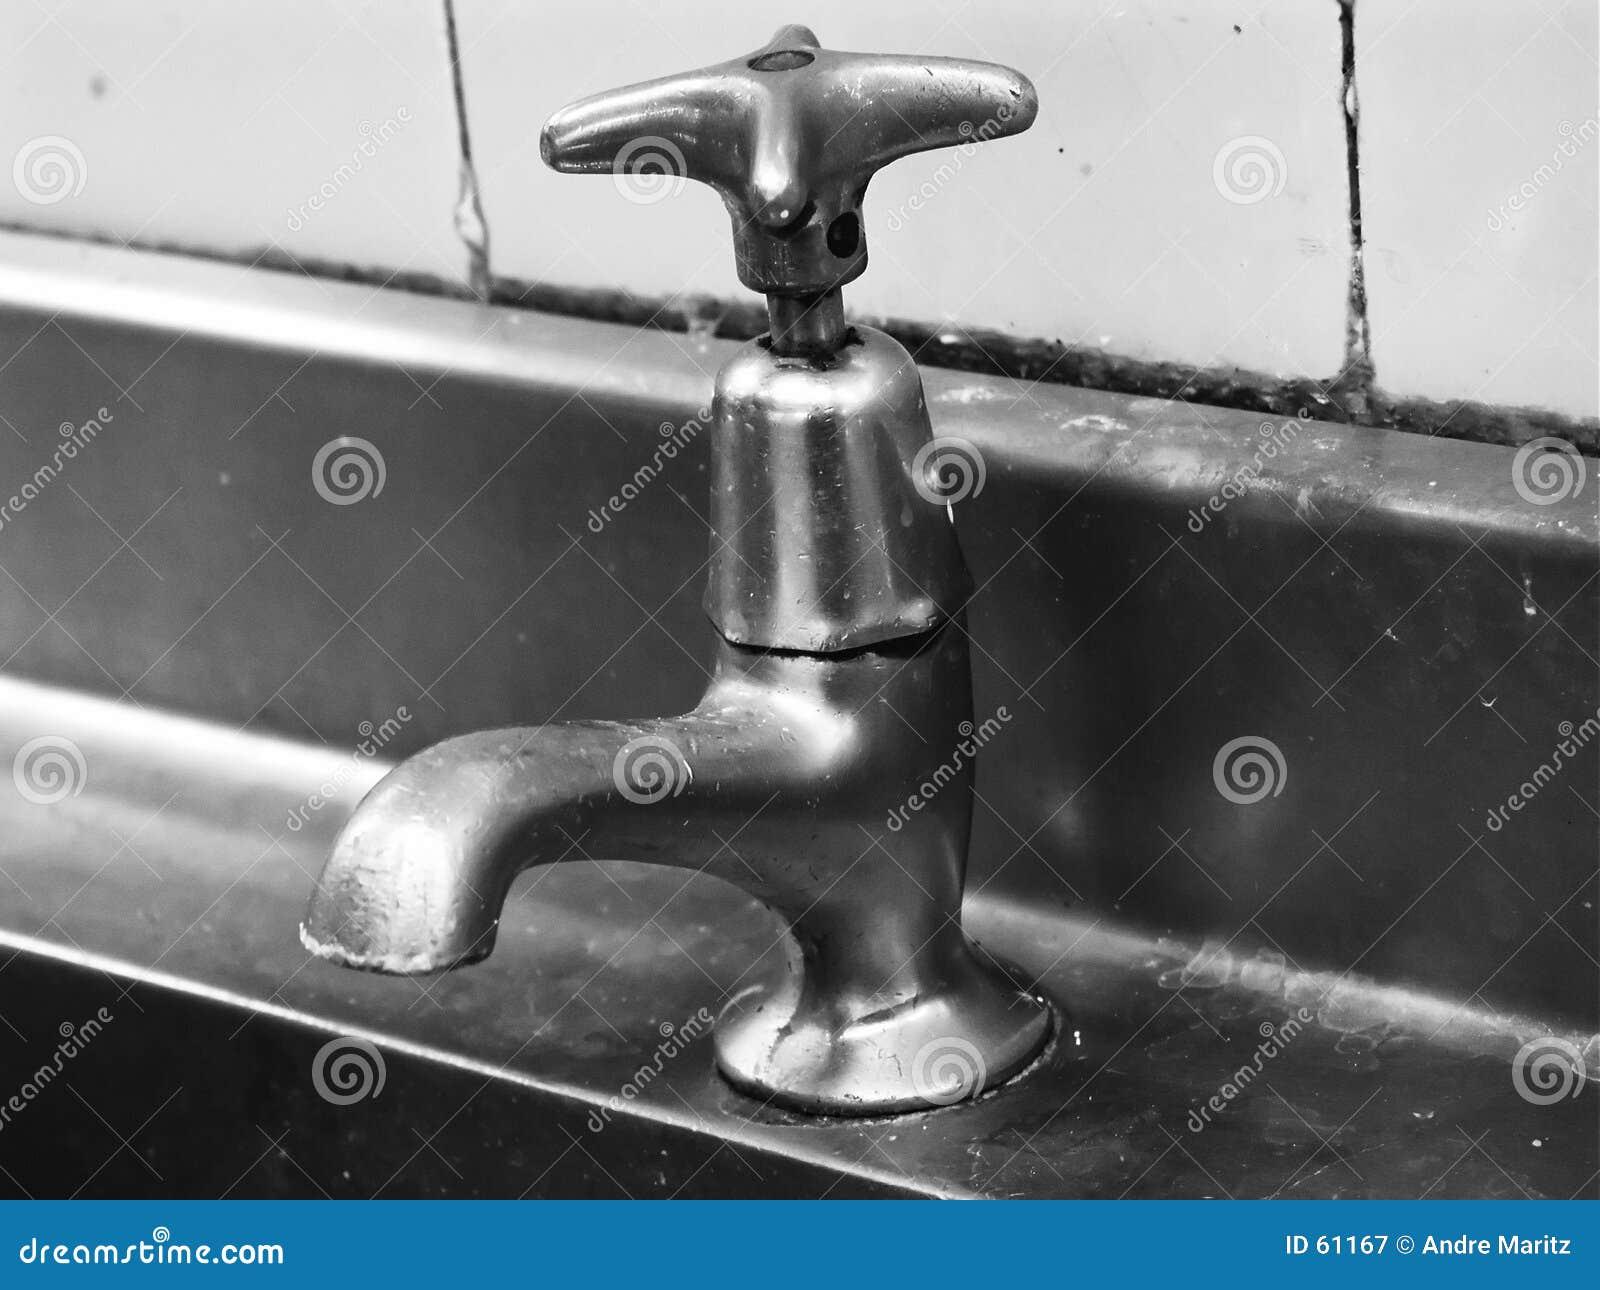 Was nu uw handen